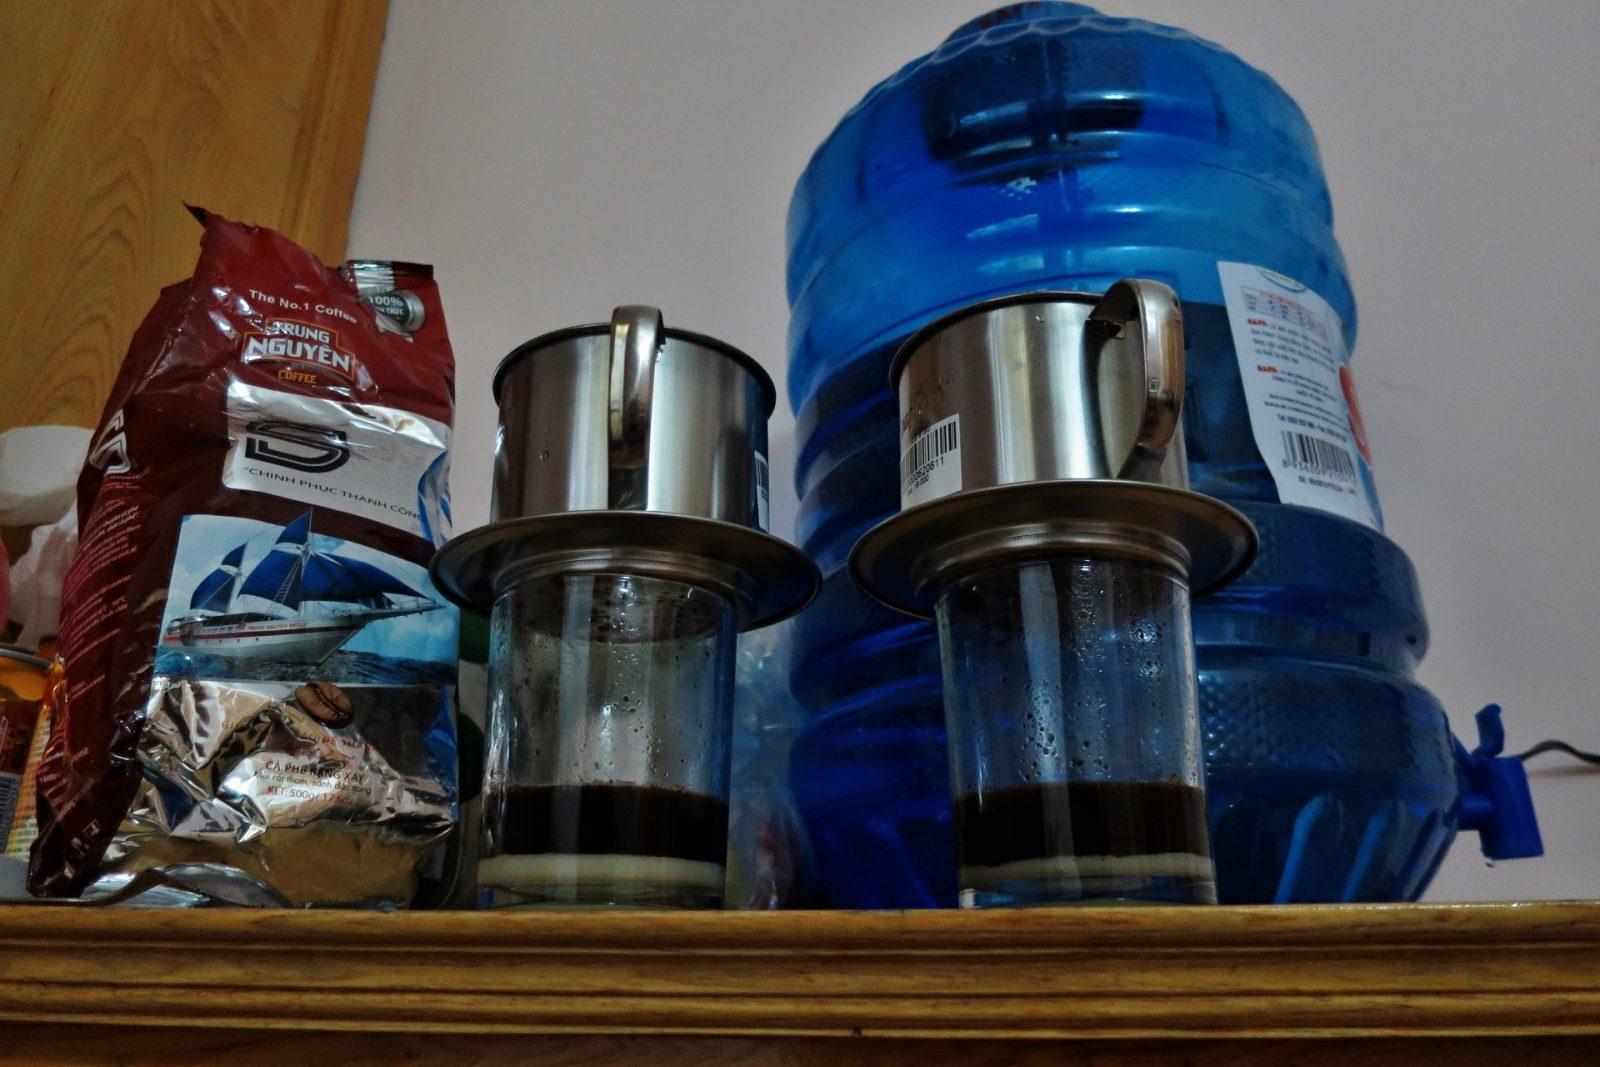 Příprava vietnamské kávy v domácích (hotelových) podmínkách chtěla trochu cviku, ale už to vypadá jako z restaurace